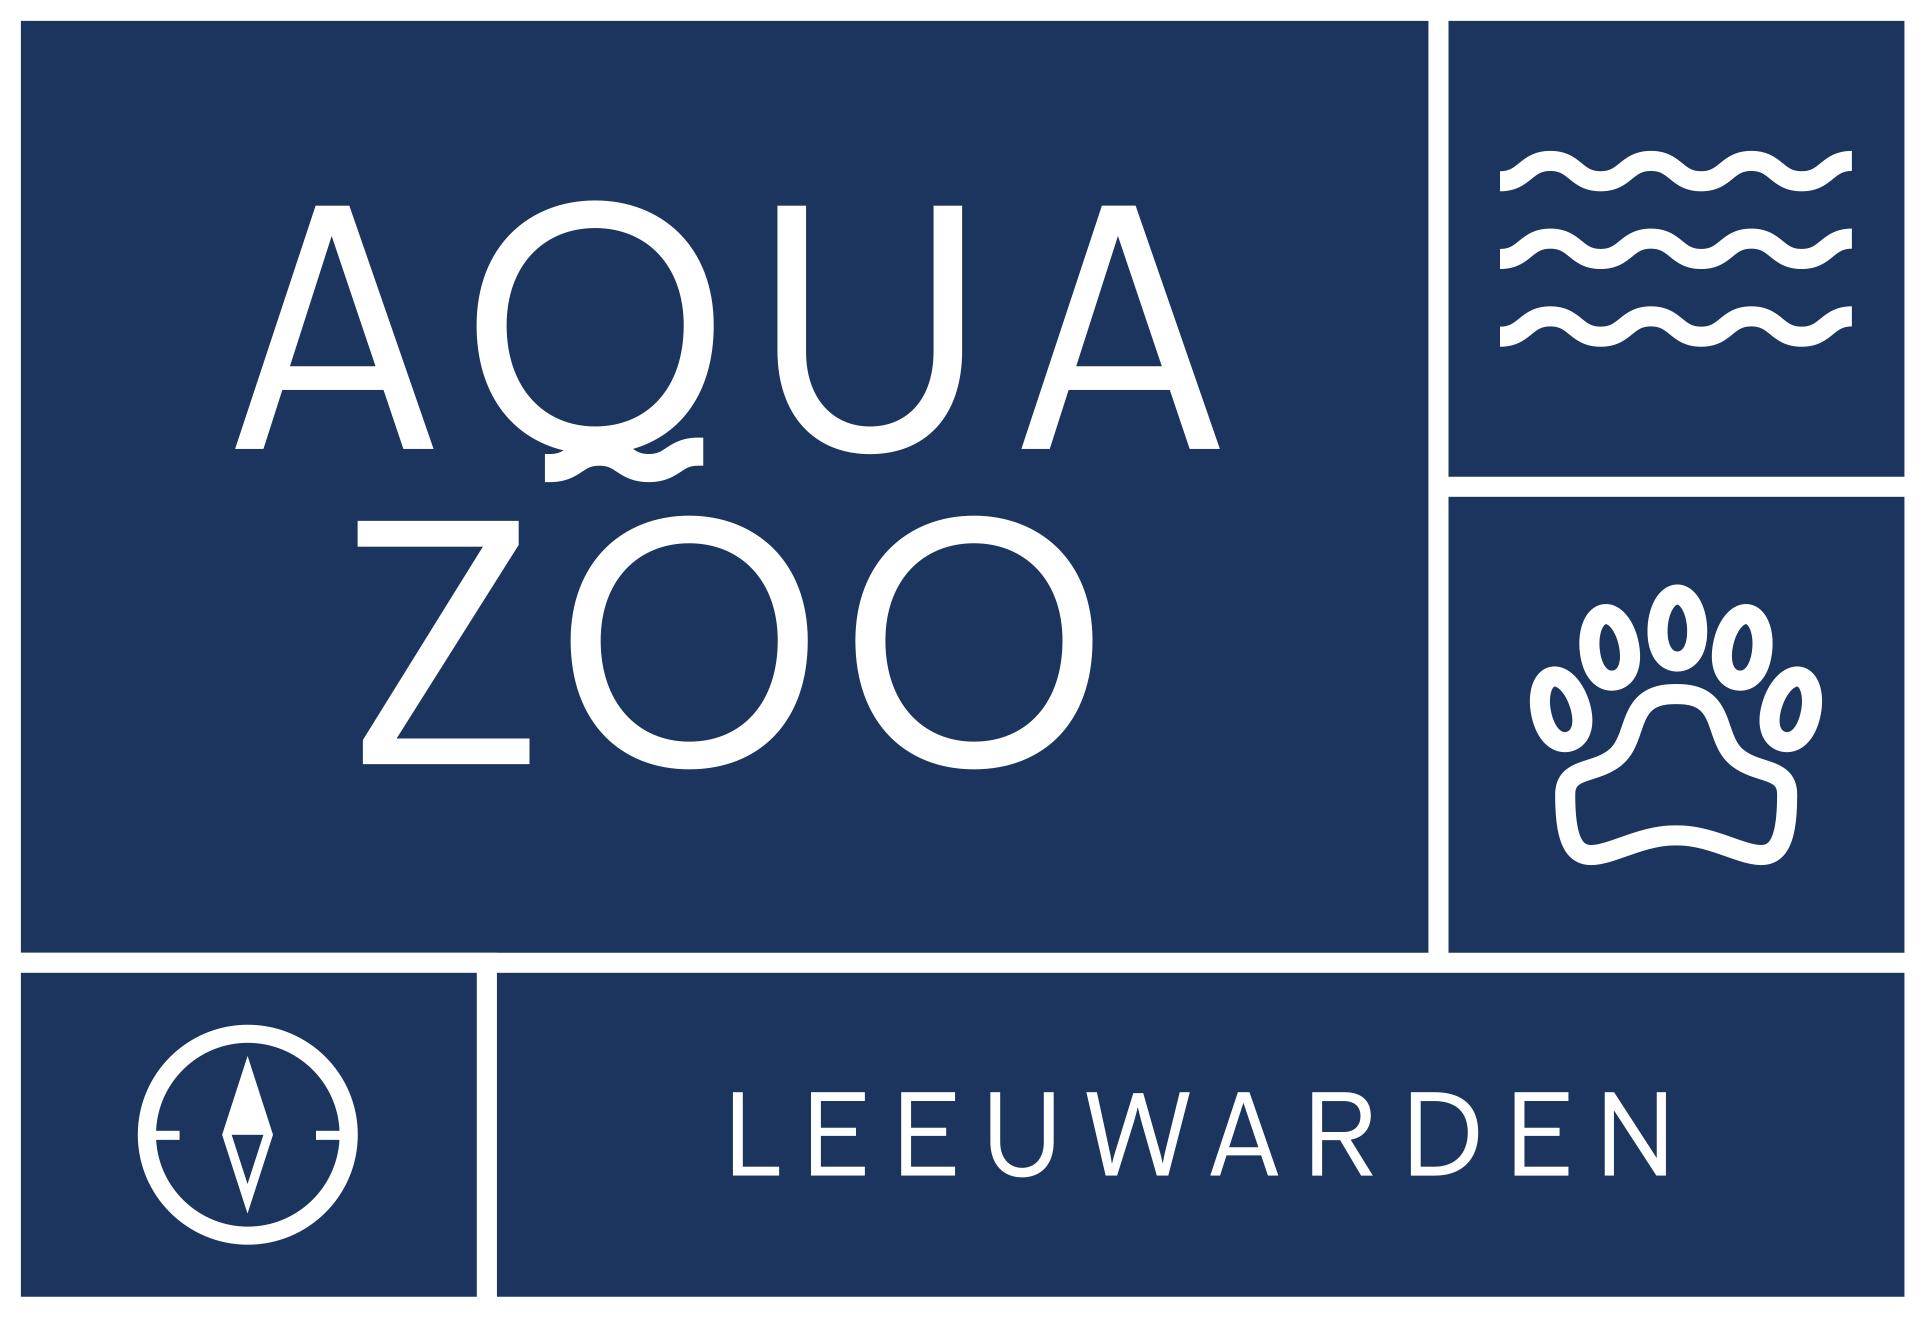 aquazoo-leeuwarden-logo-beeldmerk-2.png